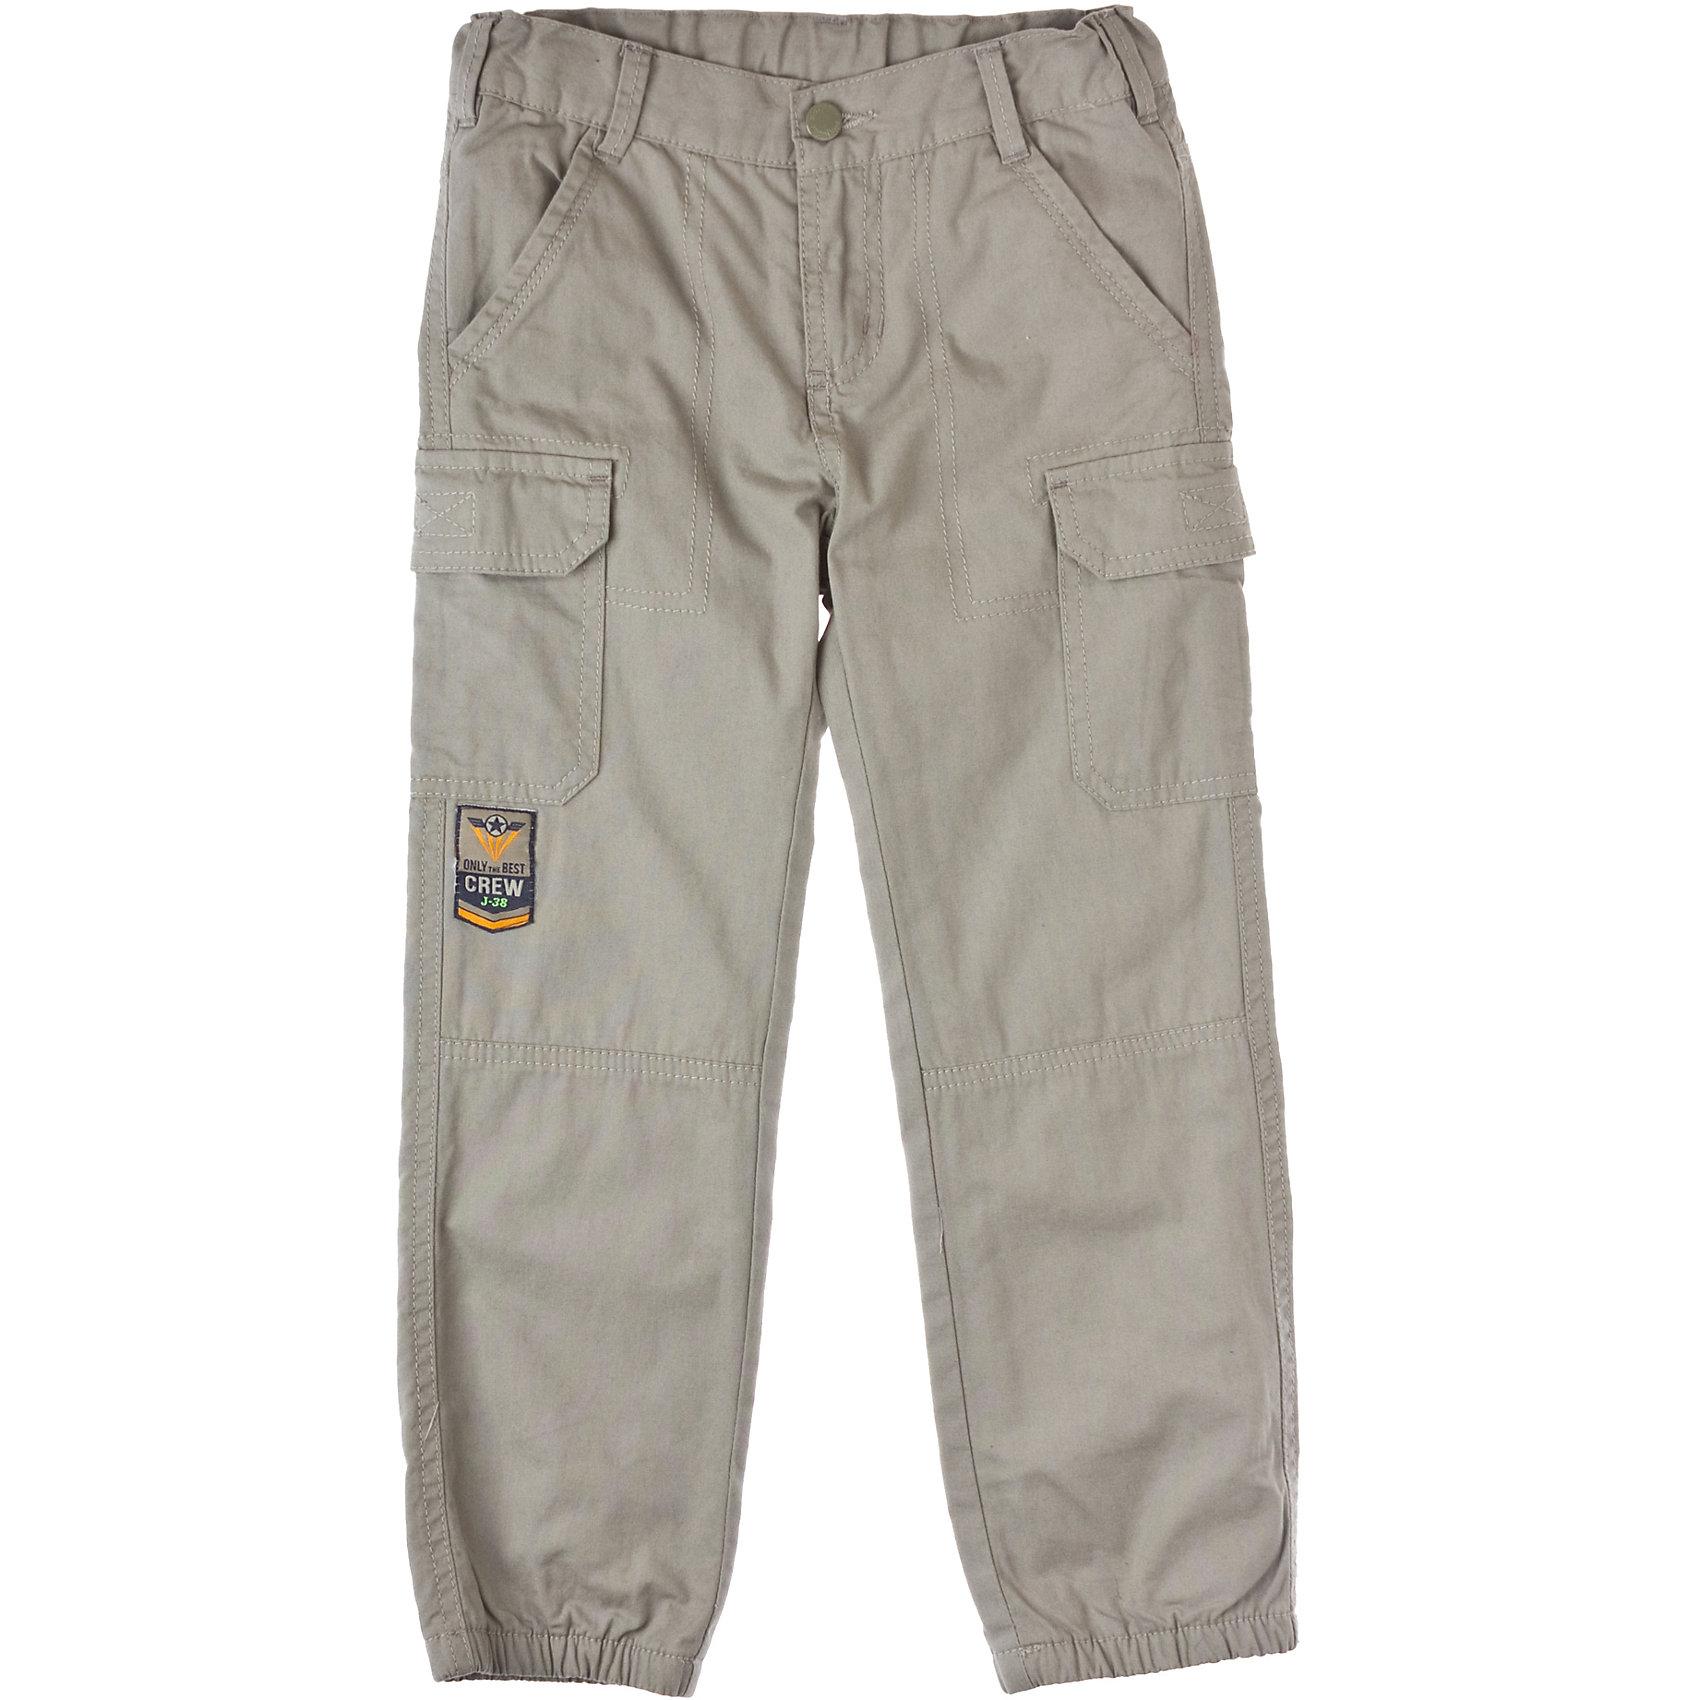 Брюки для мальчика PlayTodayБрюки<br>Брюки для мальчика PlayToday Хлопковые брюки в спортивном стиле. Четыре функциональных кармана, дополнительная подкладка-джерси. Достаточно свободные и удобные. Отлично подходят для ранней осени. Состав: верх: 100% хлопок, подкладка: 100% хлопок<br><br>Ширина мм: 215<br>Глубина мм: 88<br>Высота мм: 191<br>Вес г: 336<br>Цвет: серый<br>Возраст от месяцев: 72<br>Возраст до месяцев: 84<br>Пол: Мужской<br>Возраст: Детский<br>Размер: 122,98,128,110,104,116<br>SKU: 4227650